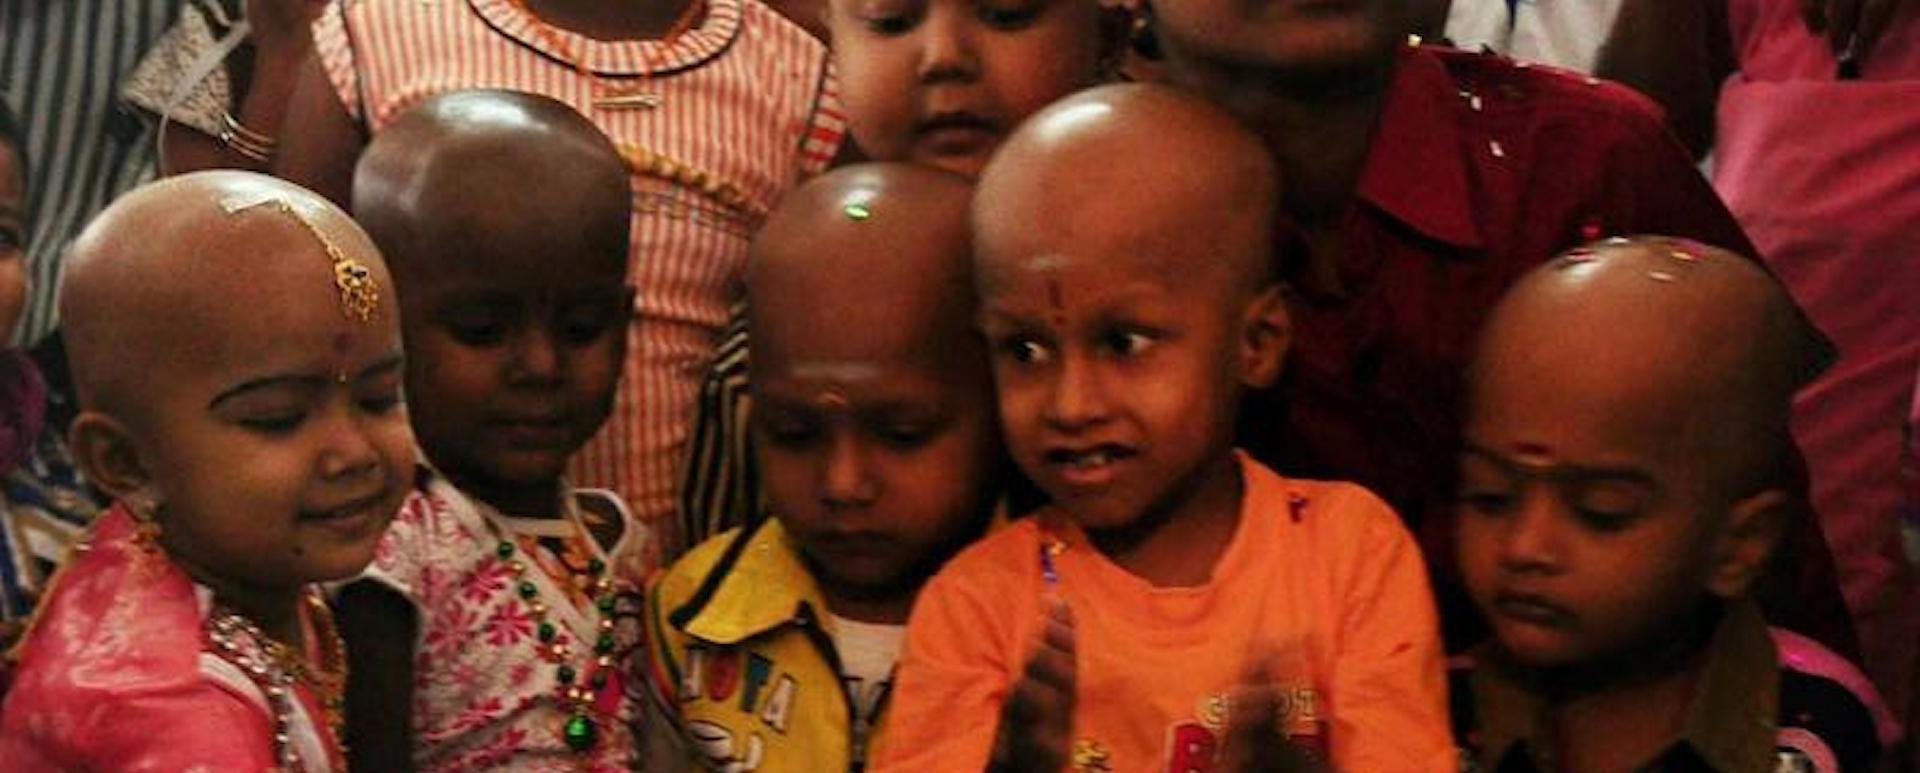 Cancer Patient Children